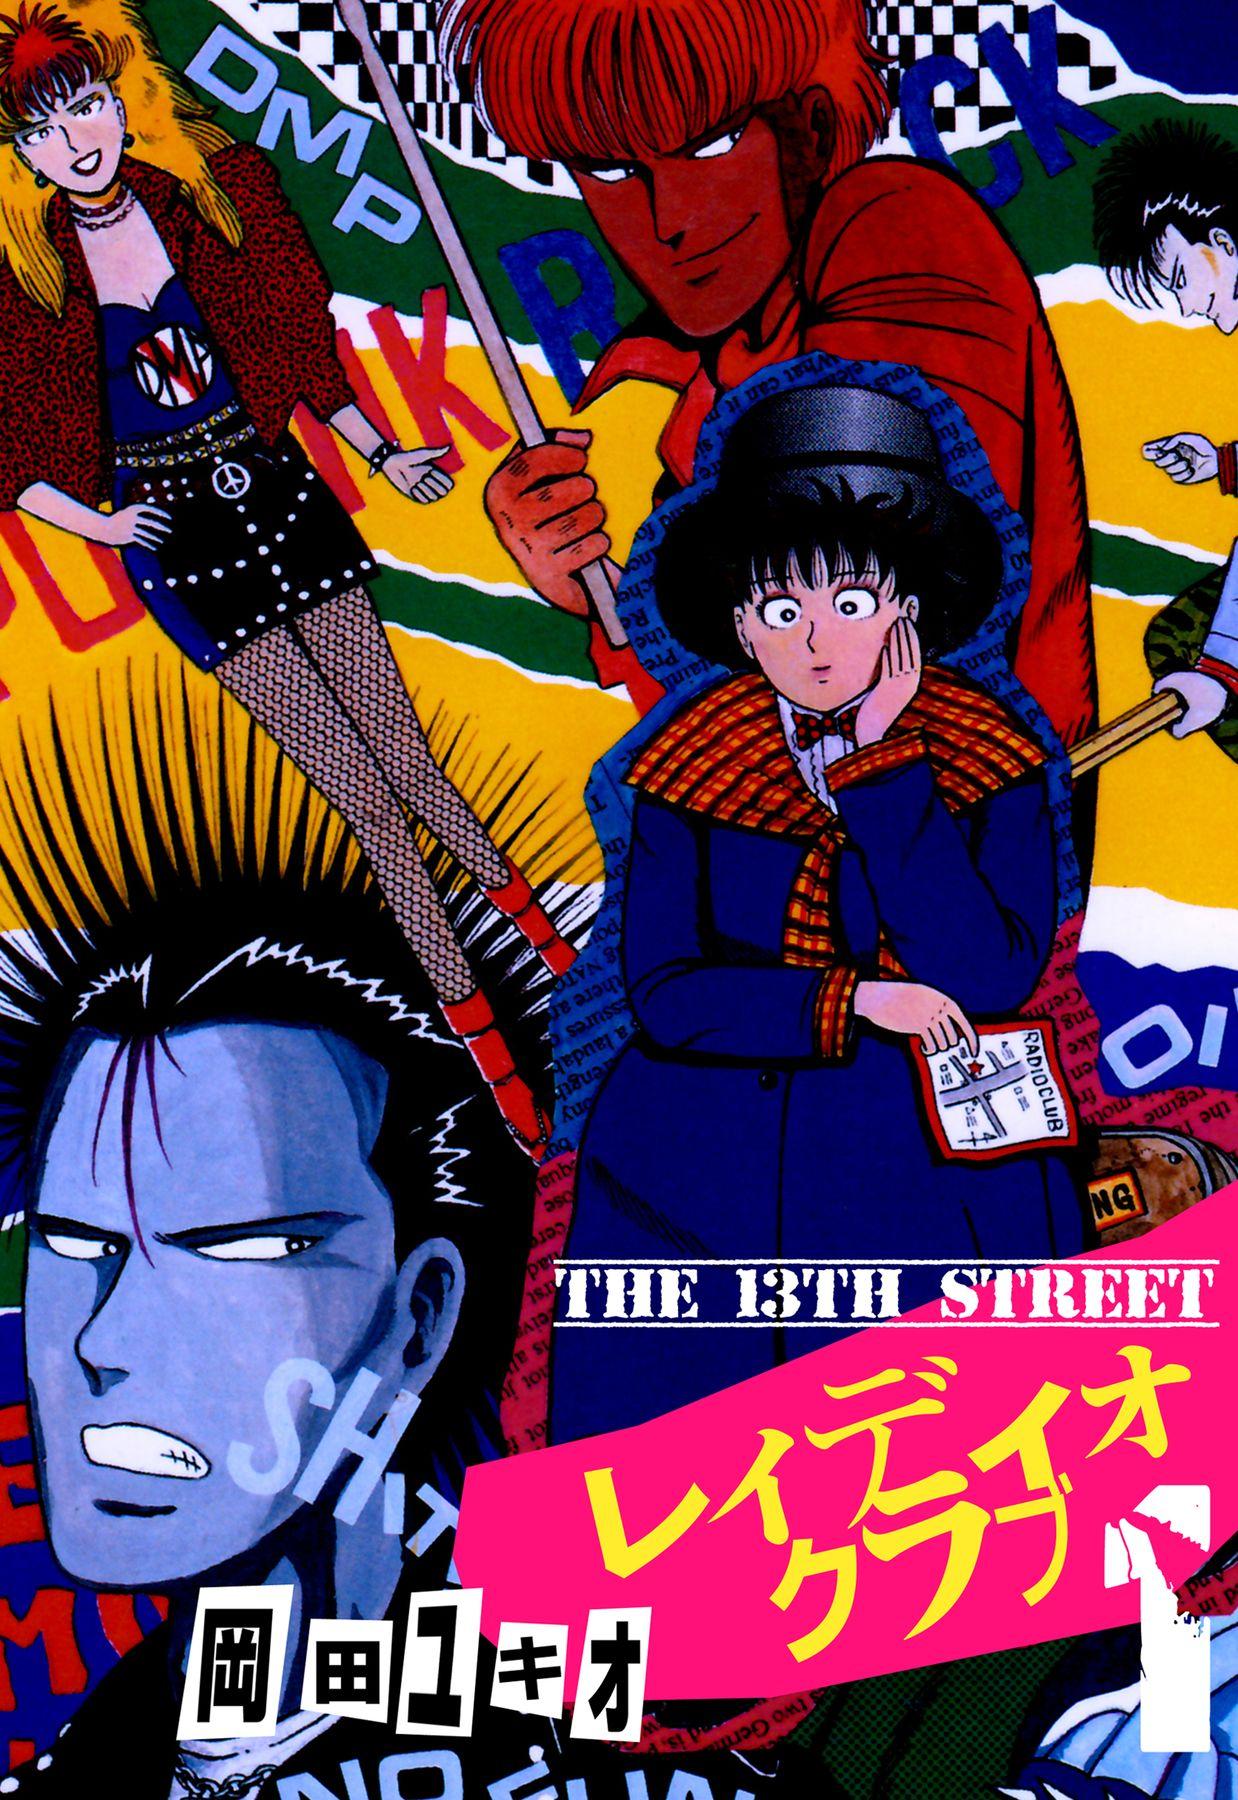 THE 13TH STREET レィディオクラブ(第1巻)